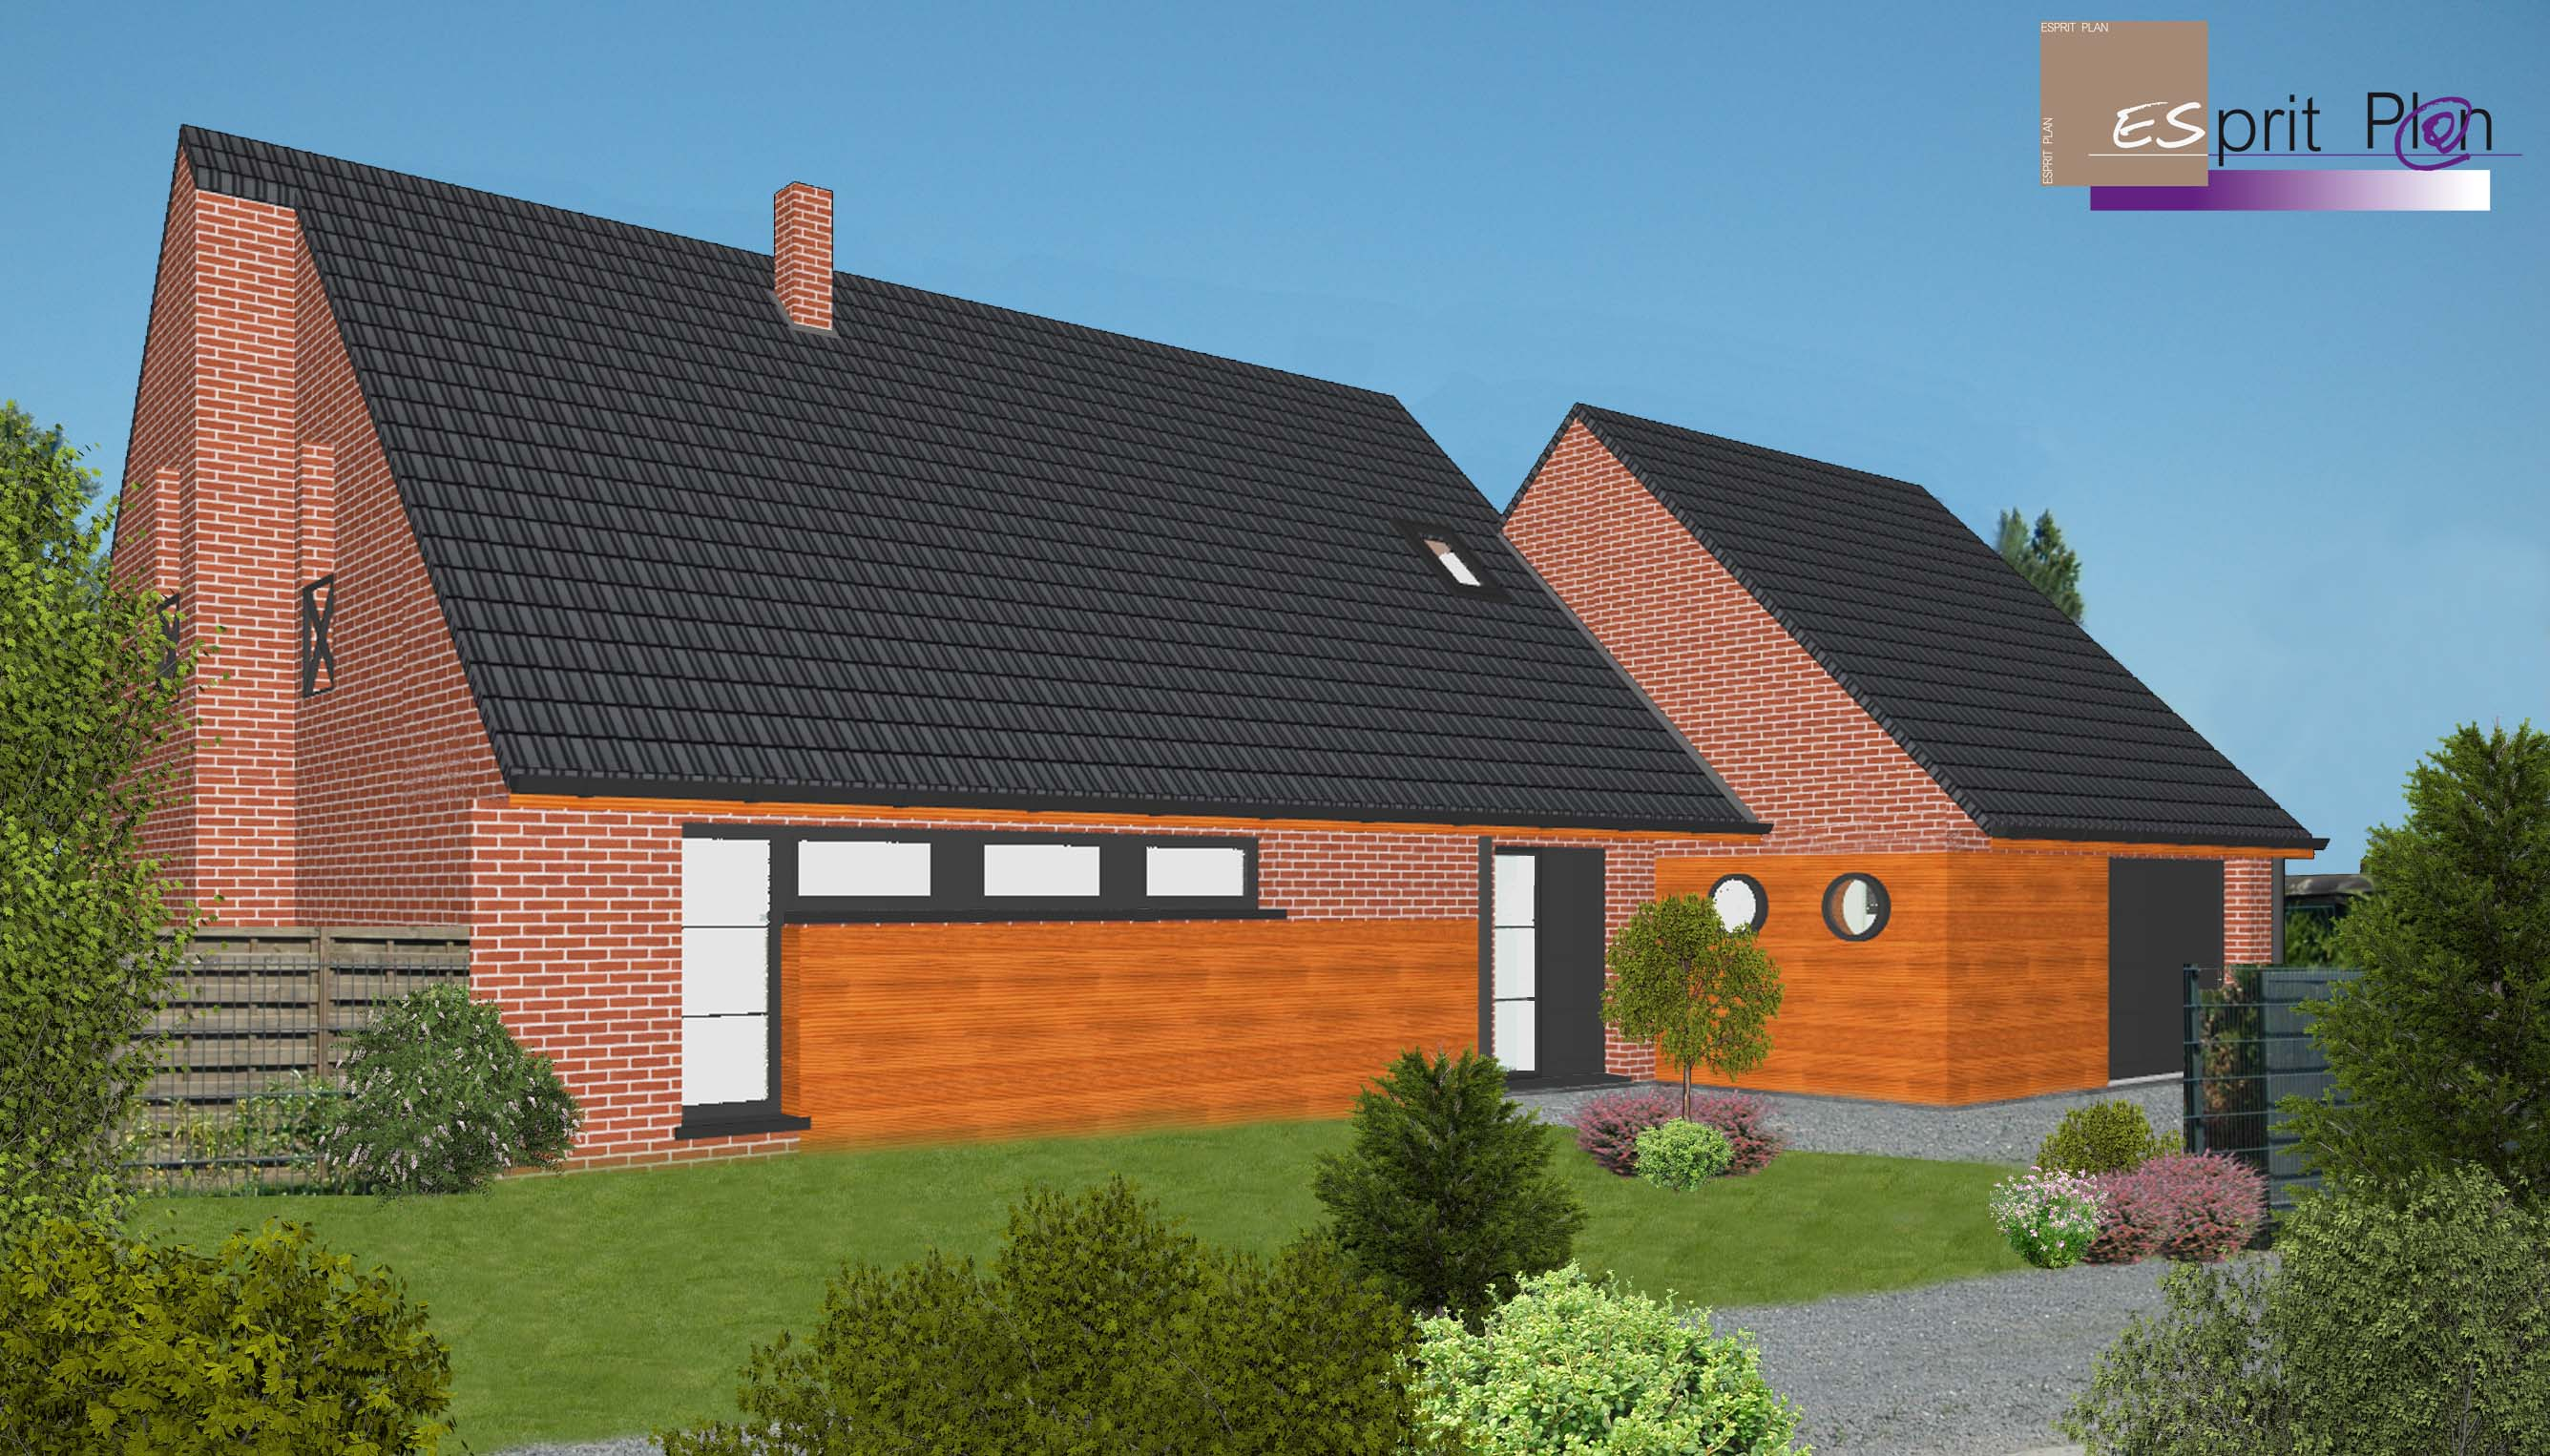 Esprit plan permis de construire extensions renovations for Extension maison tuile